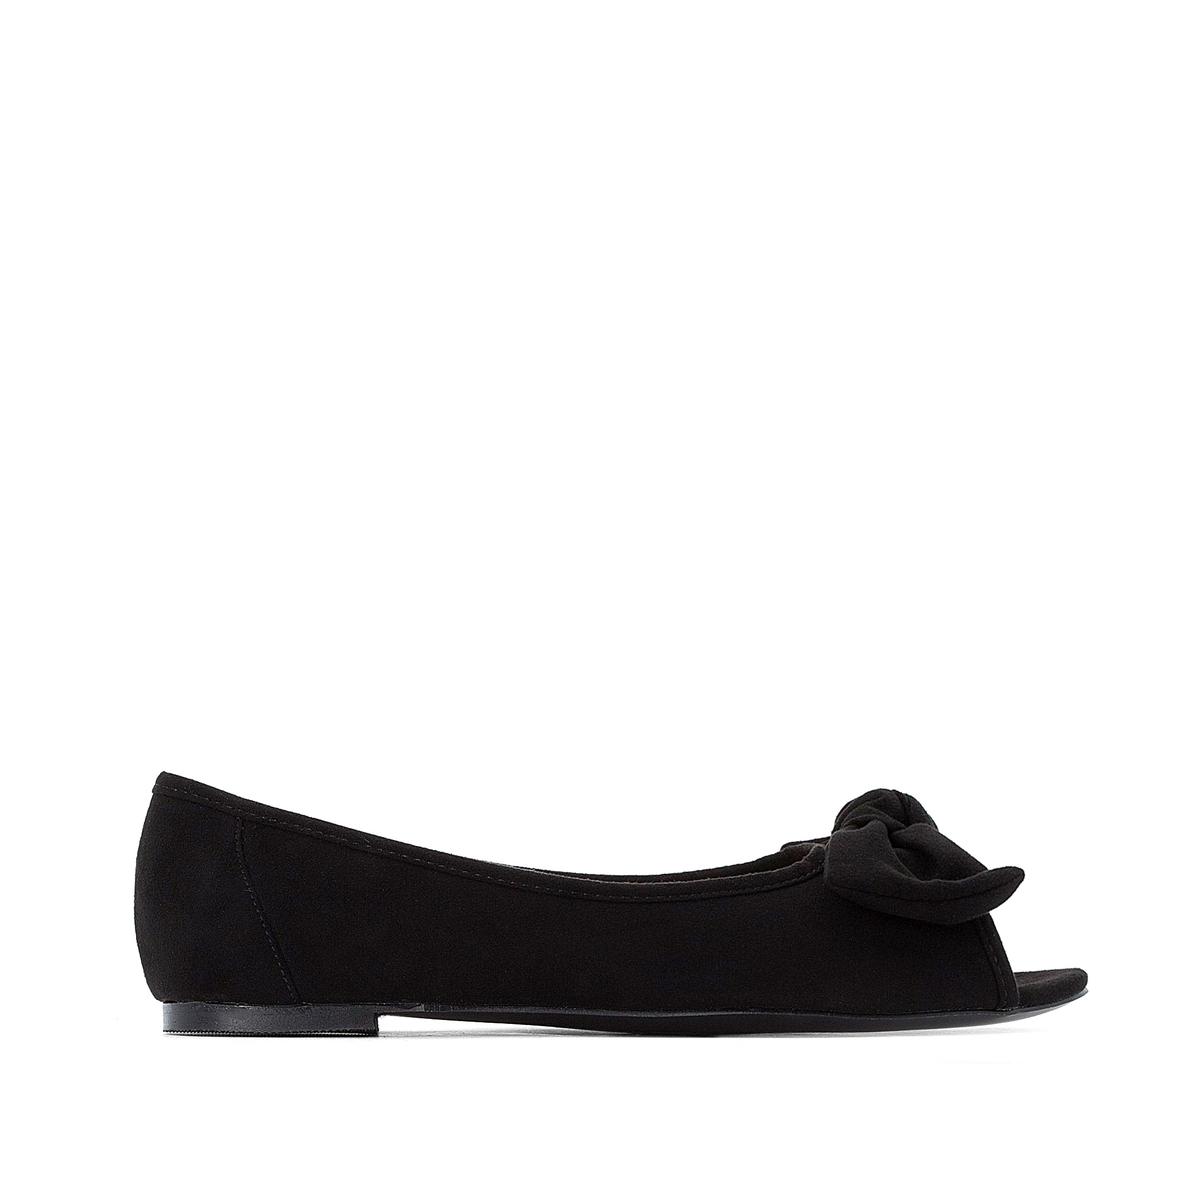 цена Балетки La Redoute С открытым мыском на плоском каблуке для широкой стопы размеры - 38 черный онлайн в 2017 году